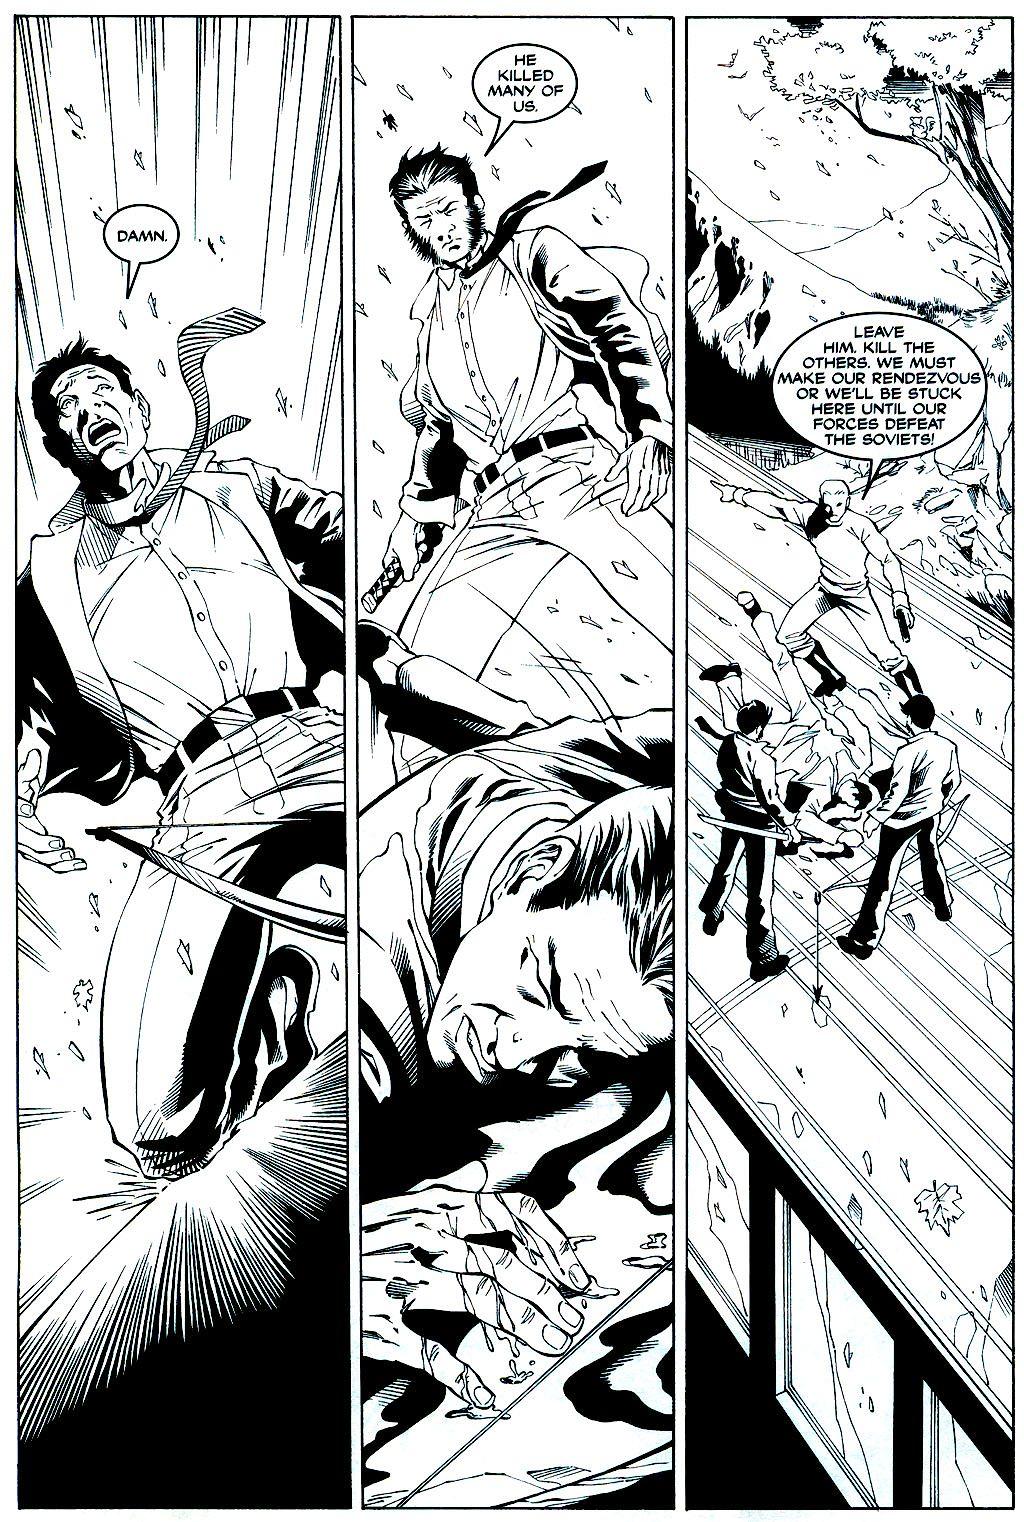 Read online Shi: Sempo comic -  Issue #2 - 15